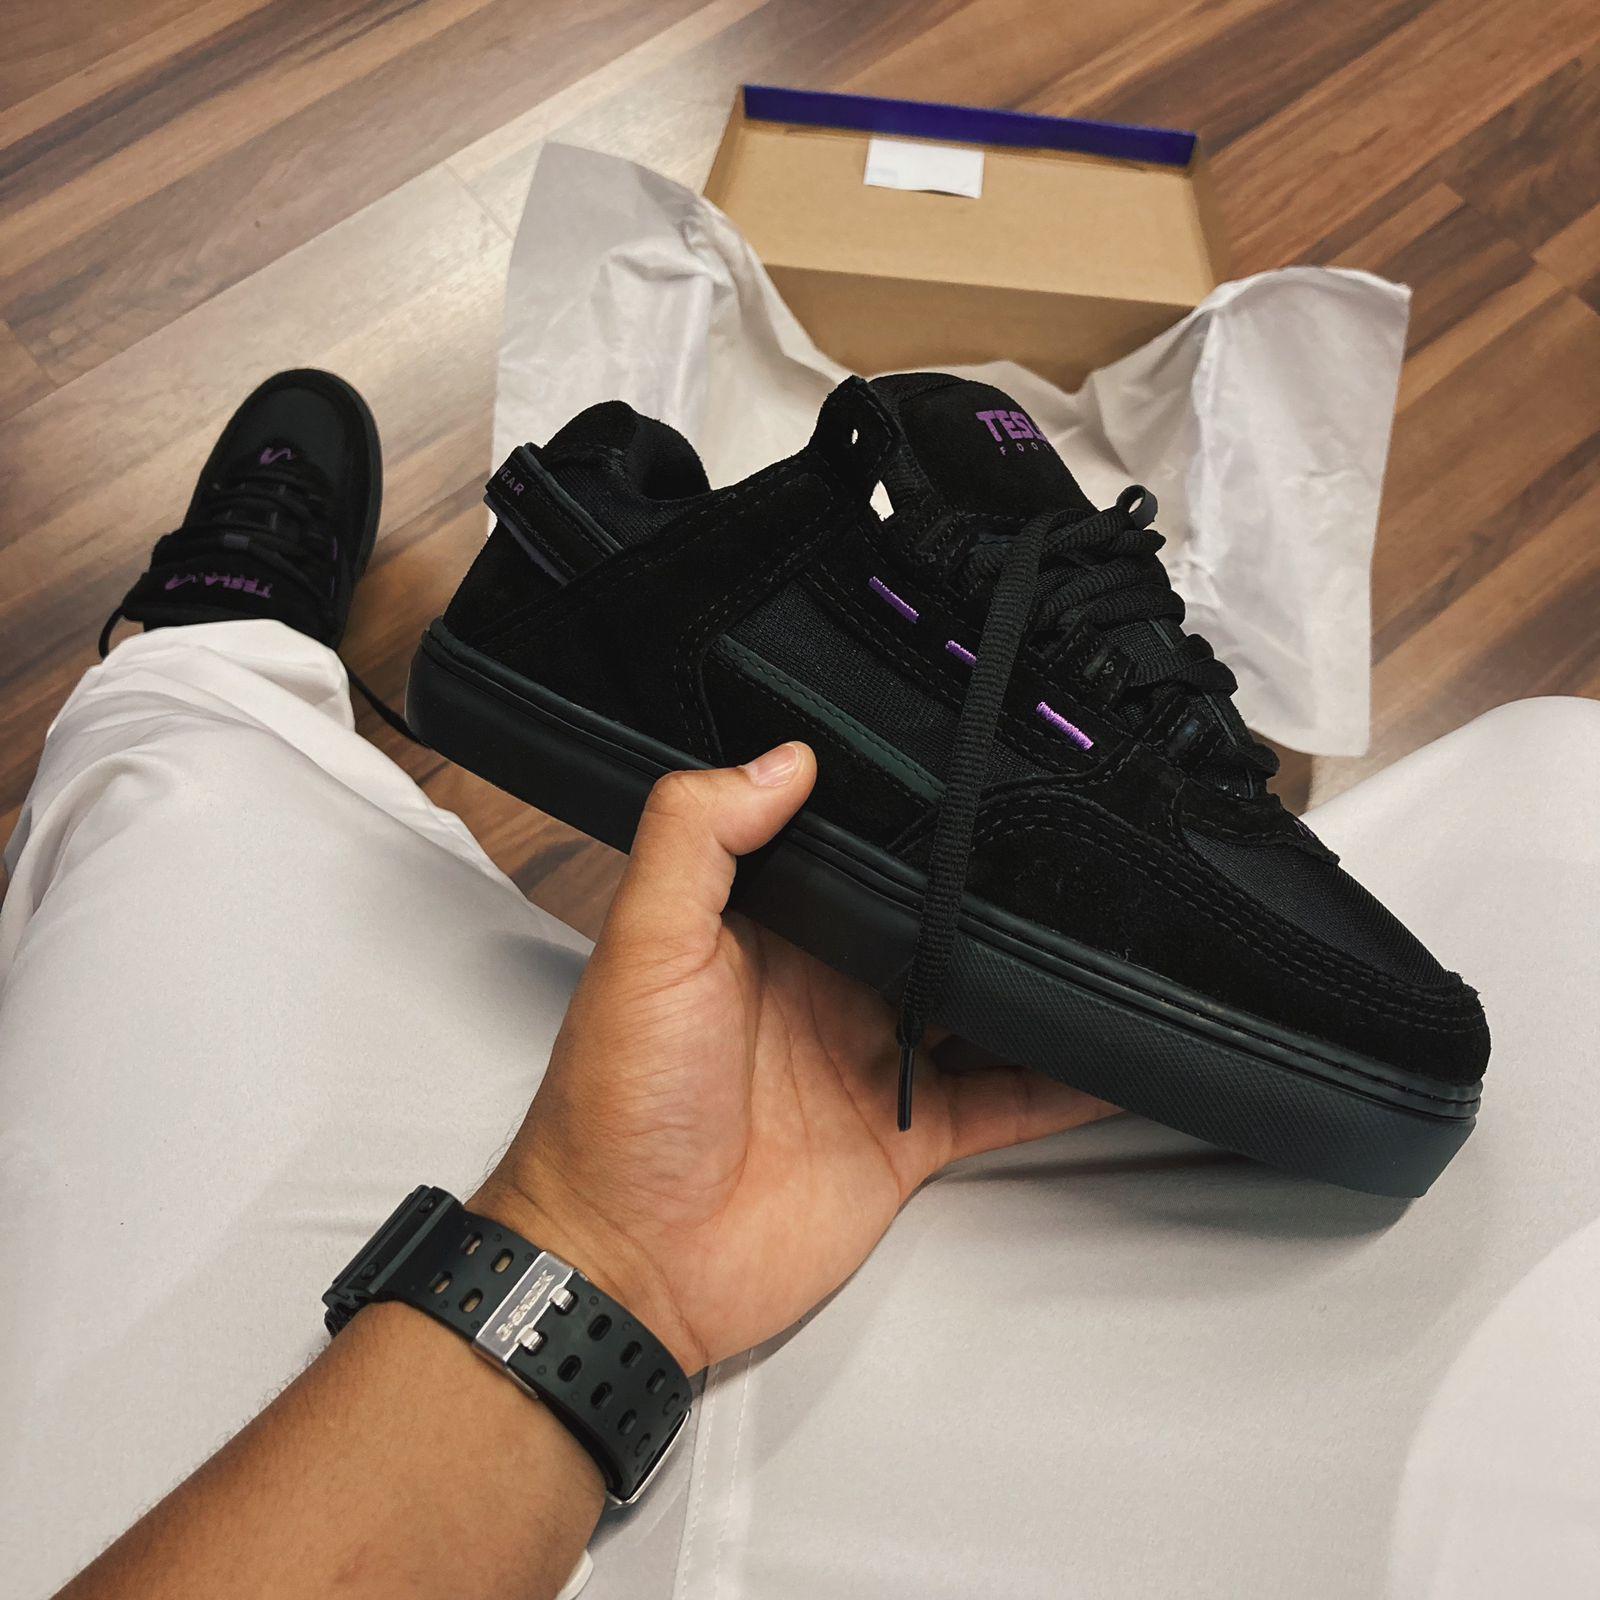 Tênis tesla coil black purple camurça